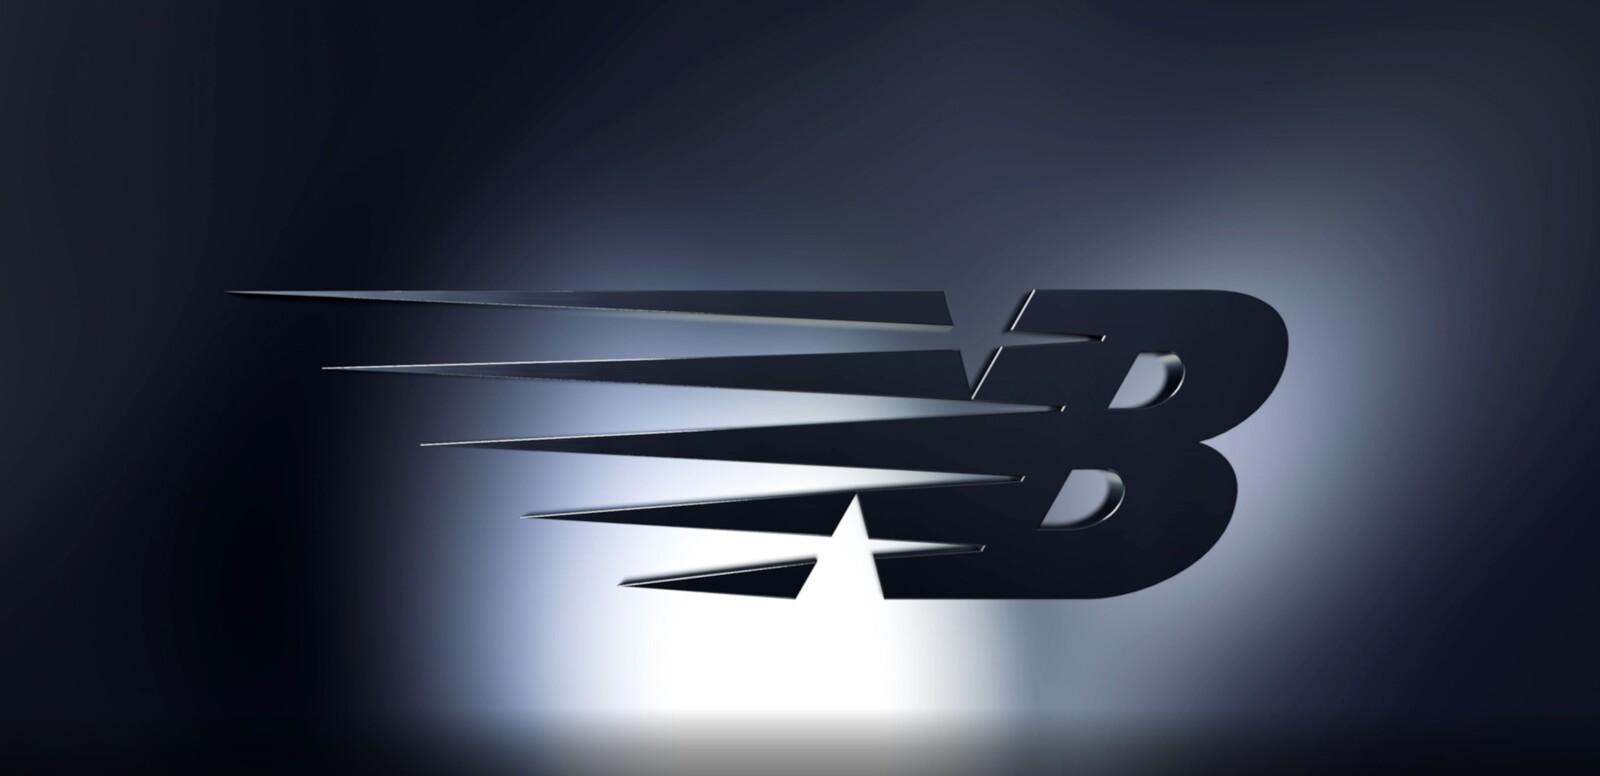 New Balance Logo animation